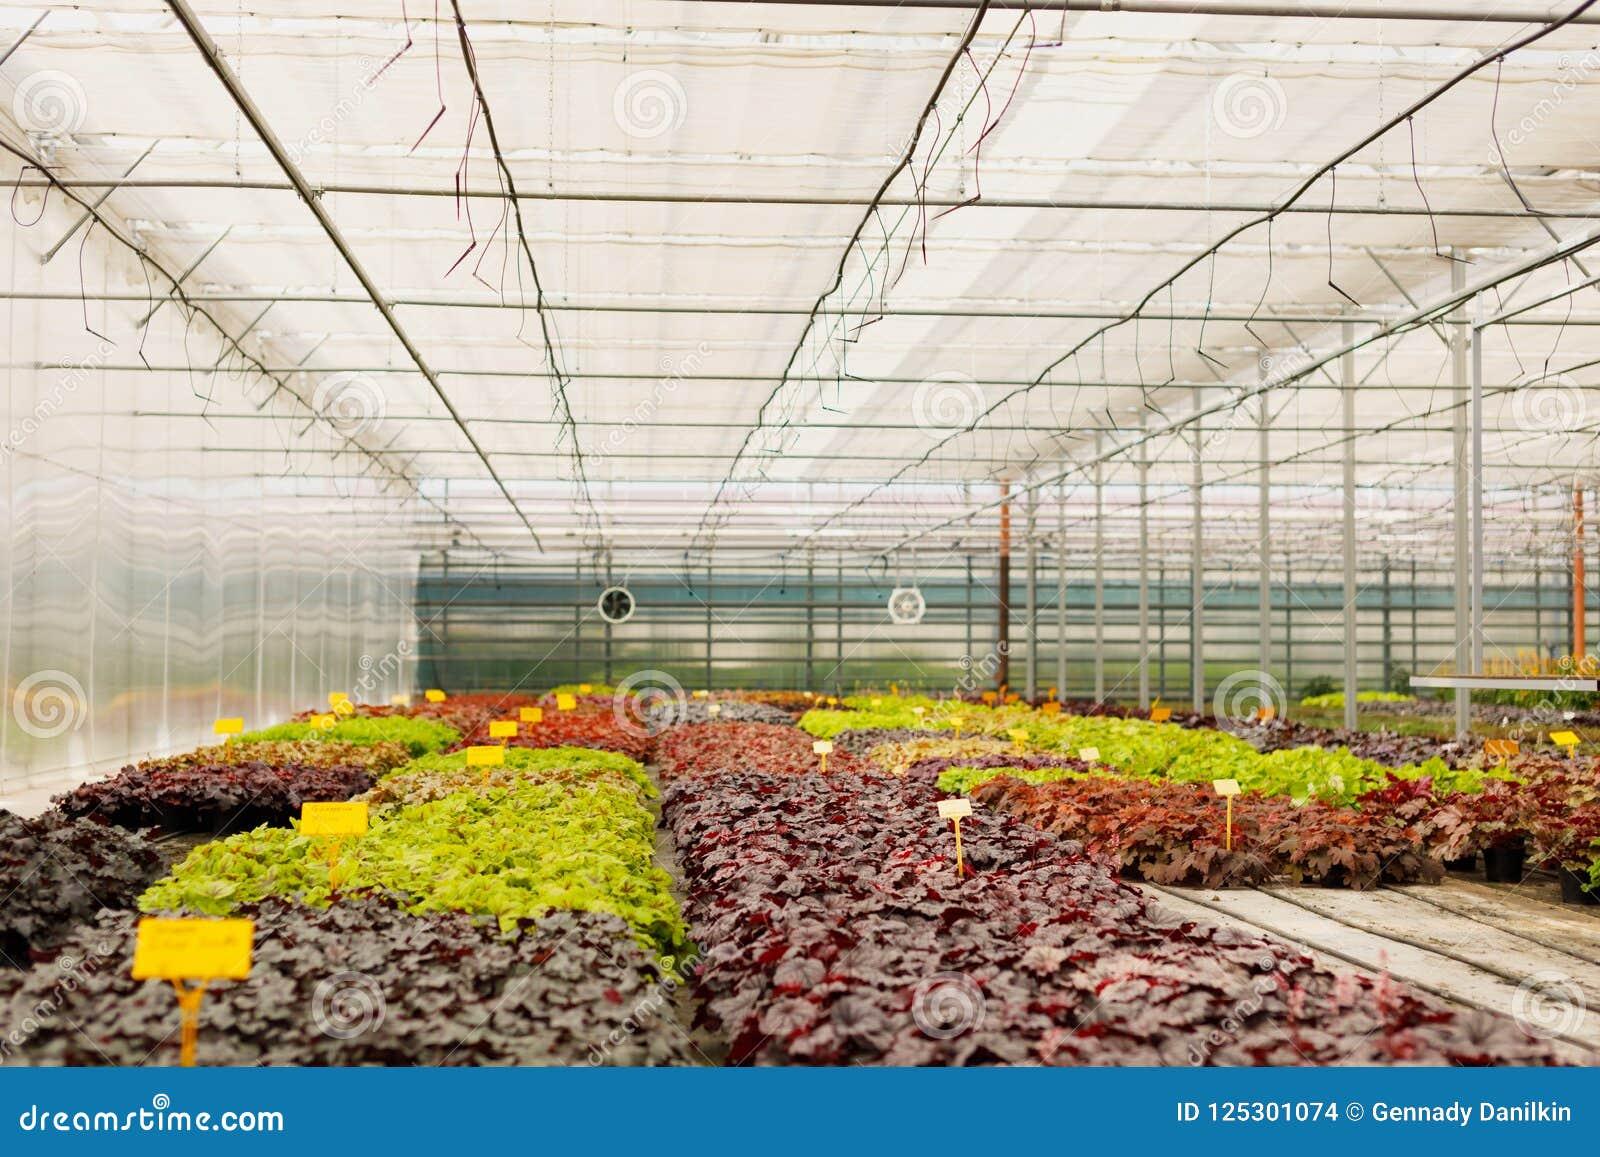 Bluht Bearbeitung In Einem Grunen Haus Produktionsblumen